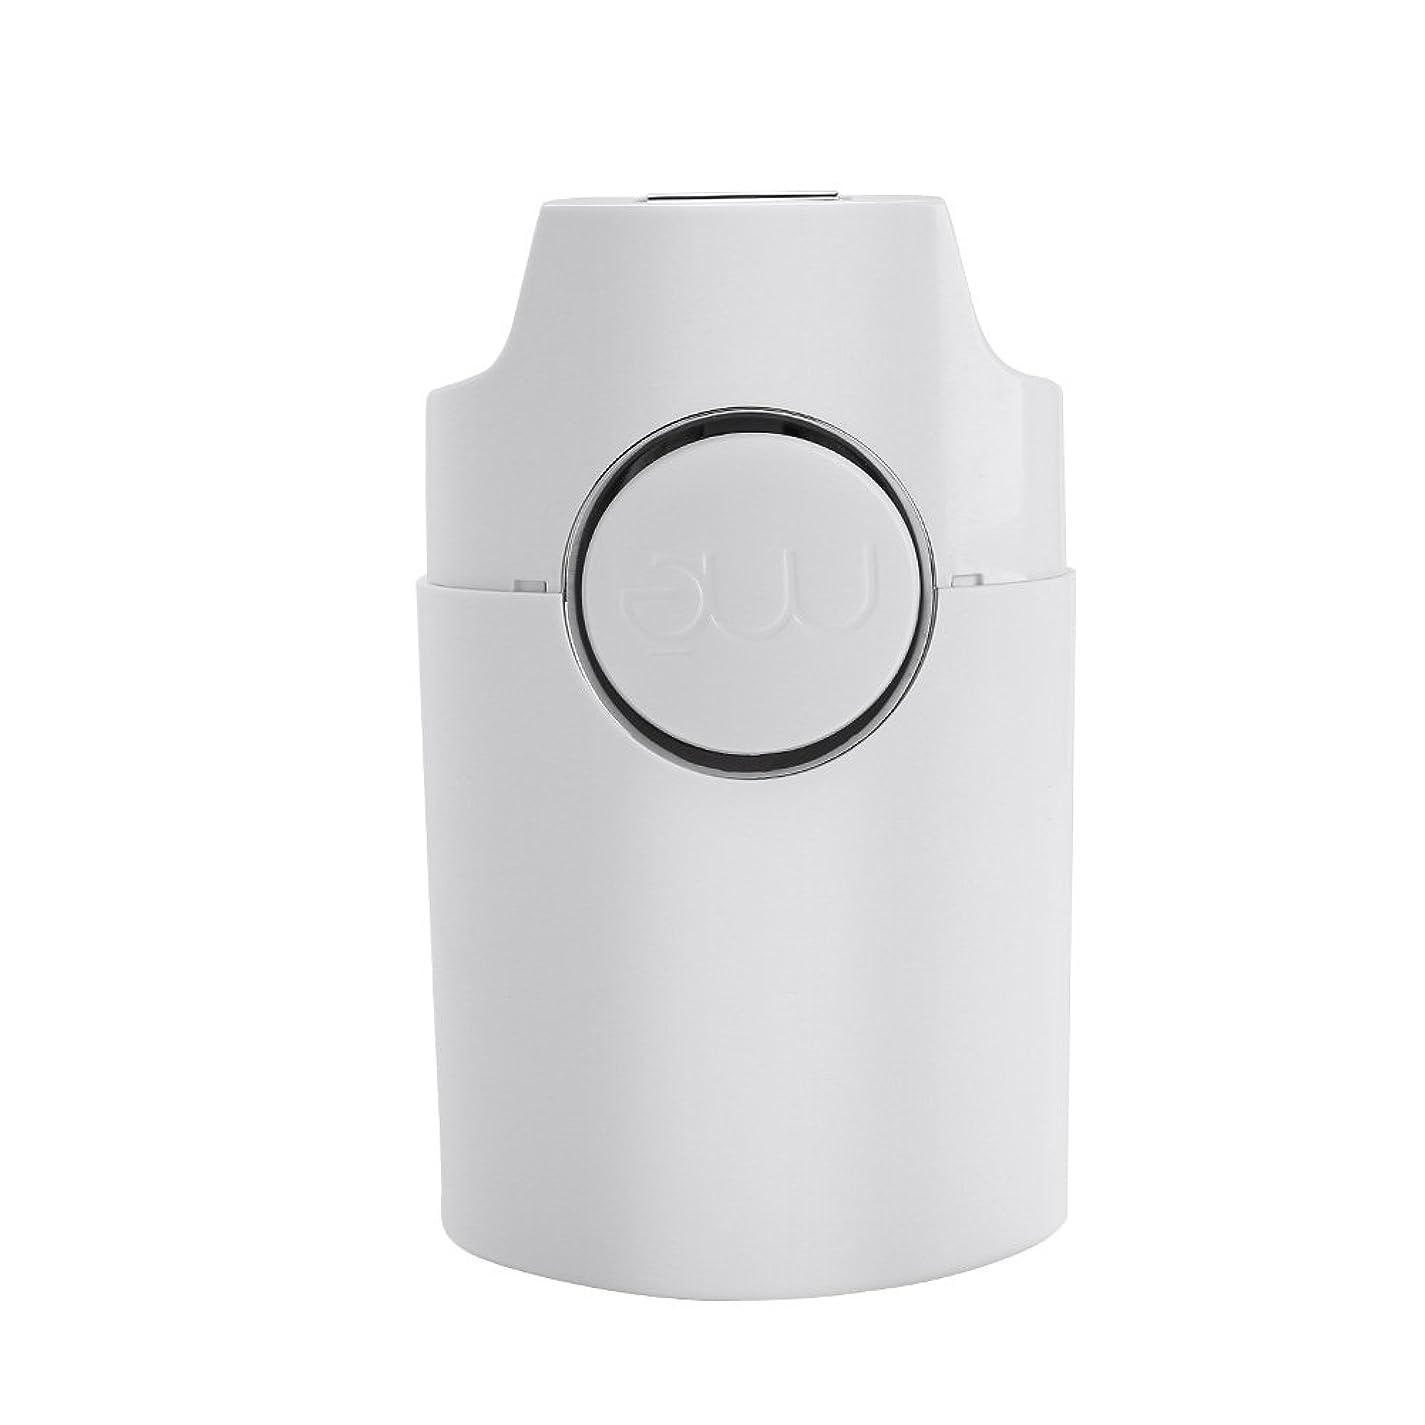 ルーフ腹痛宝脱毛器 光脱毛 レーザー 3光強度 IPL + RF技術 FDA、CE認証済み